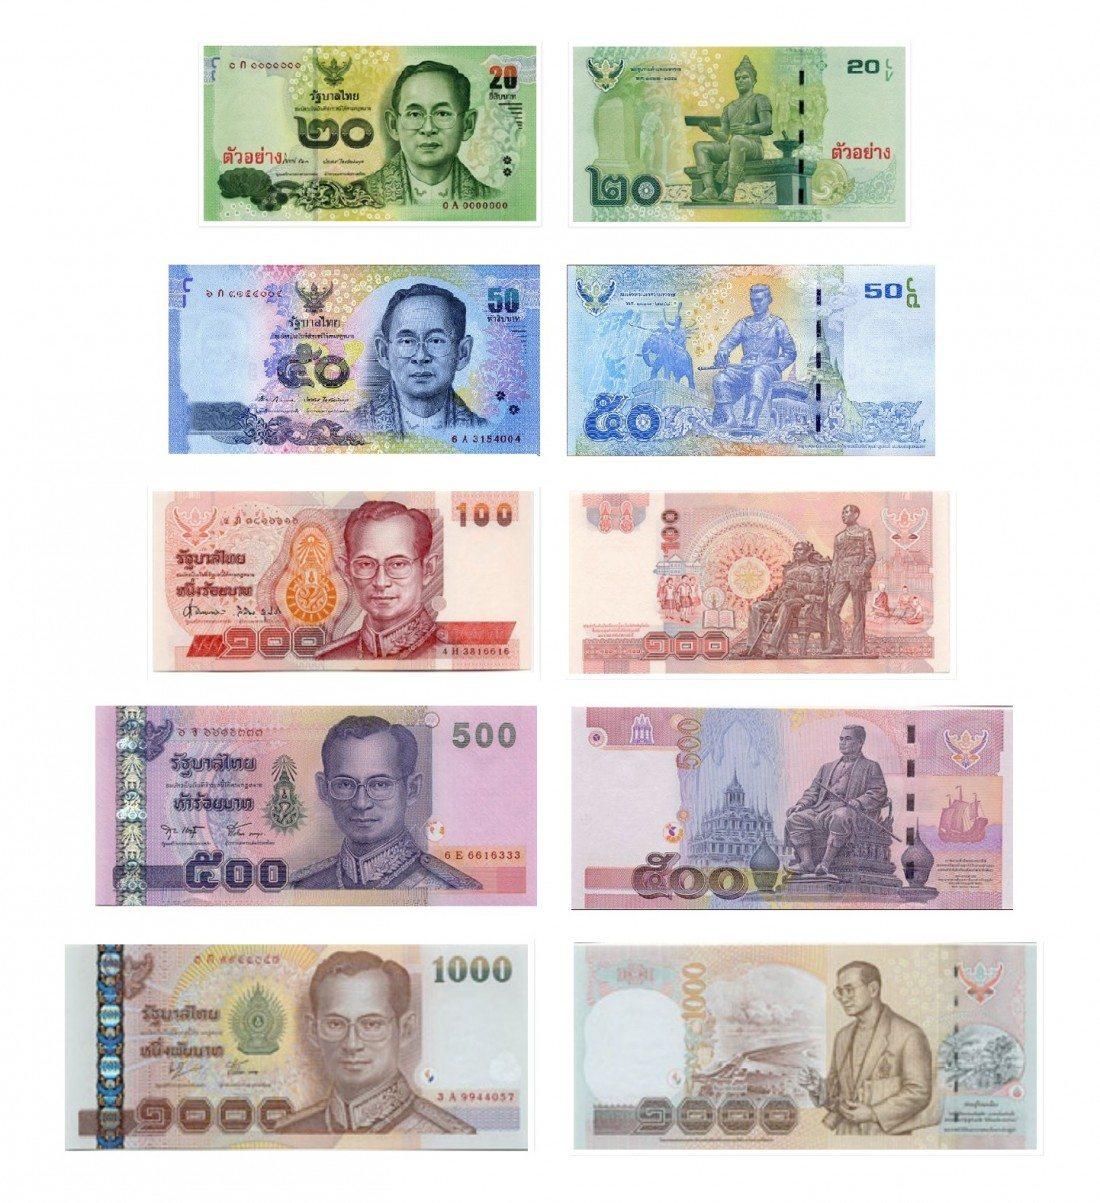 Australian Dollars To Thai Baht